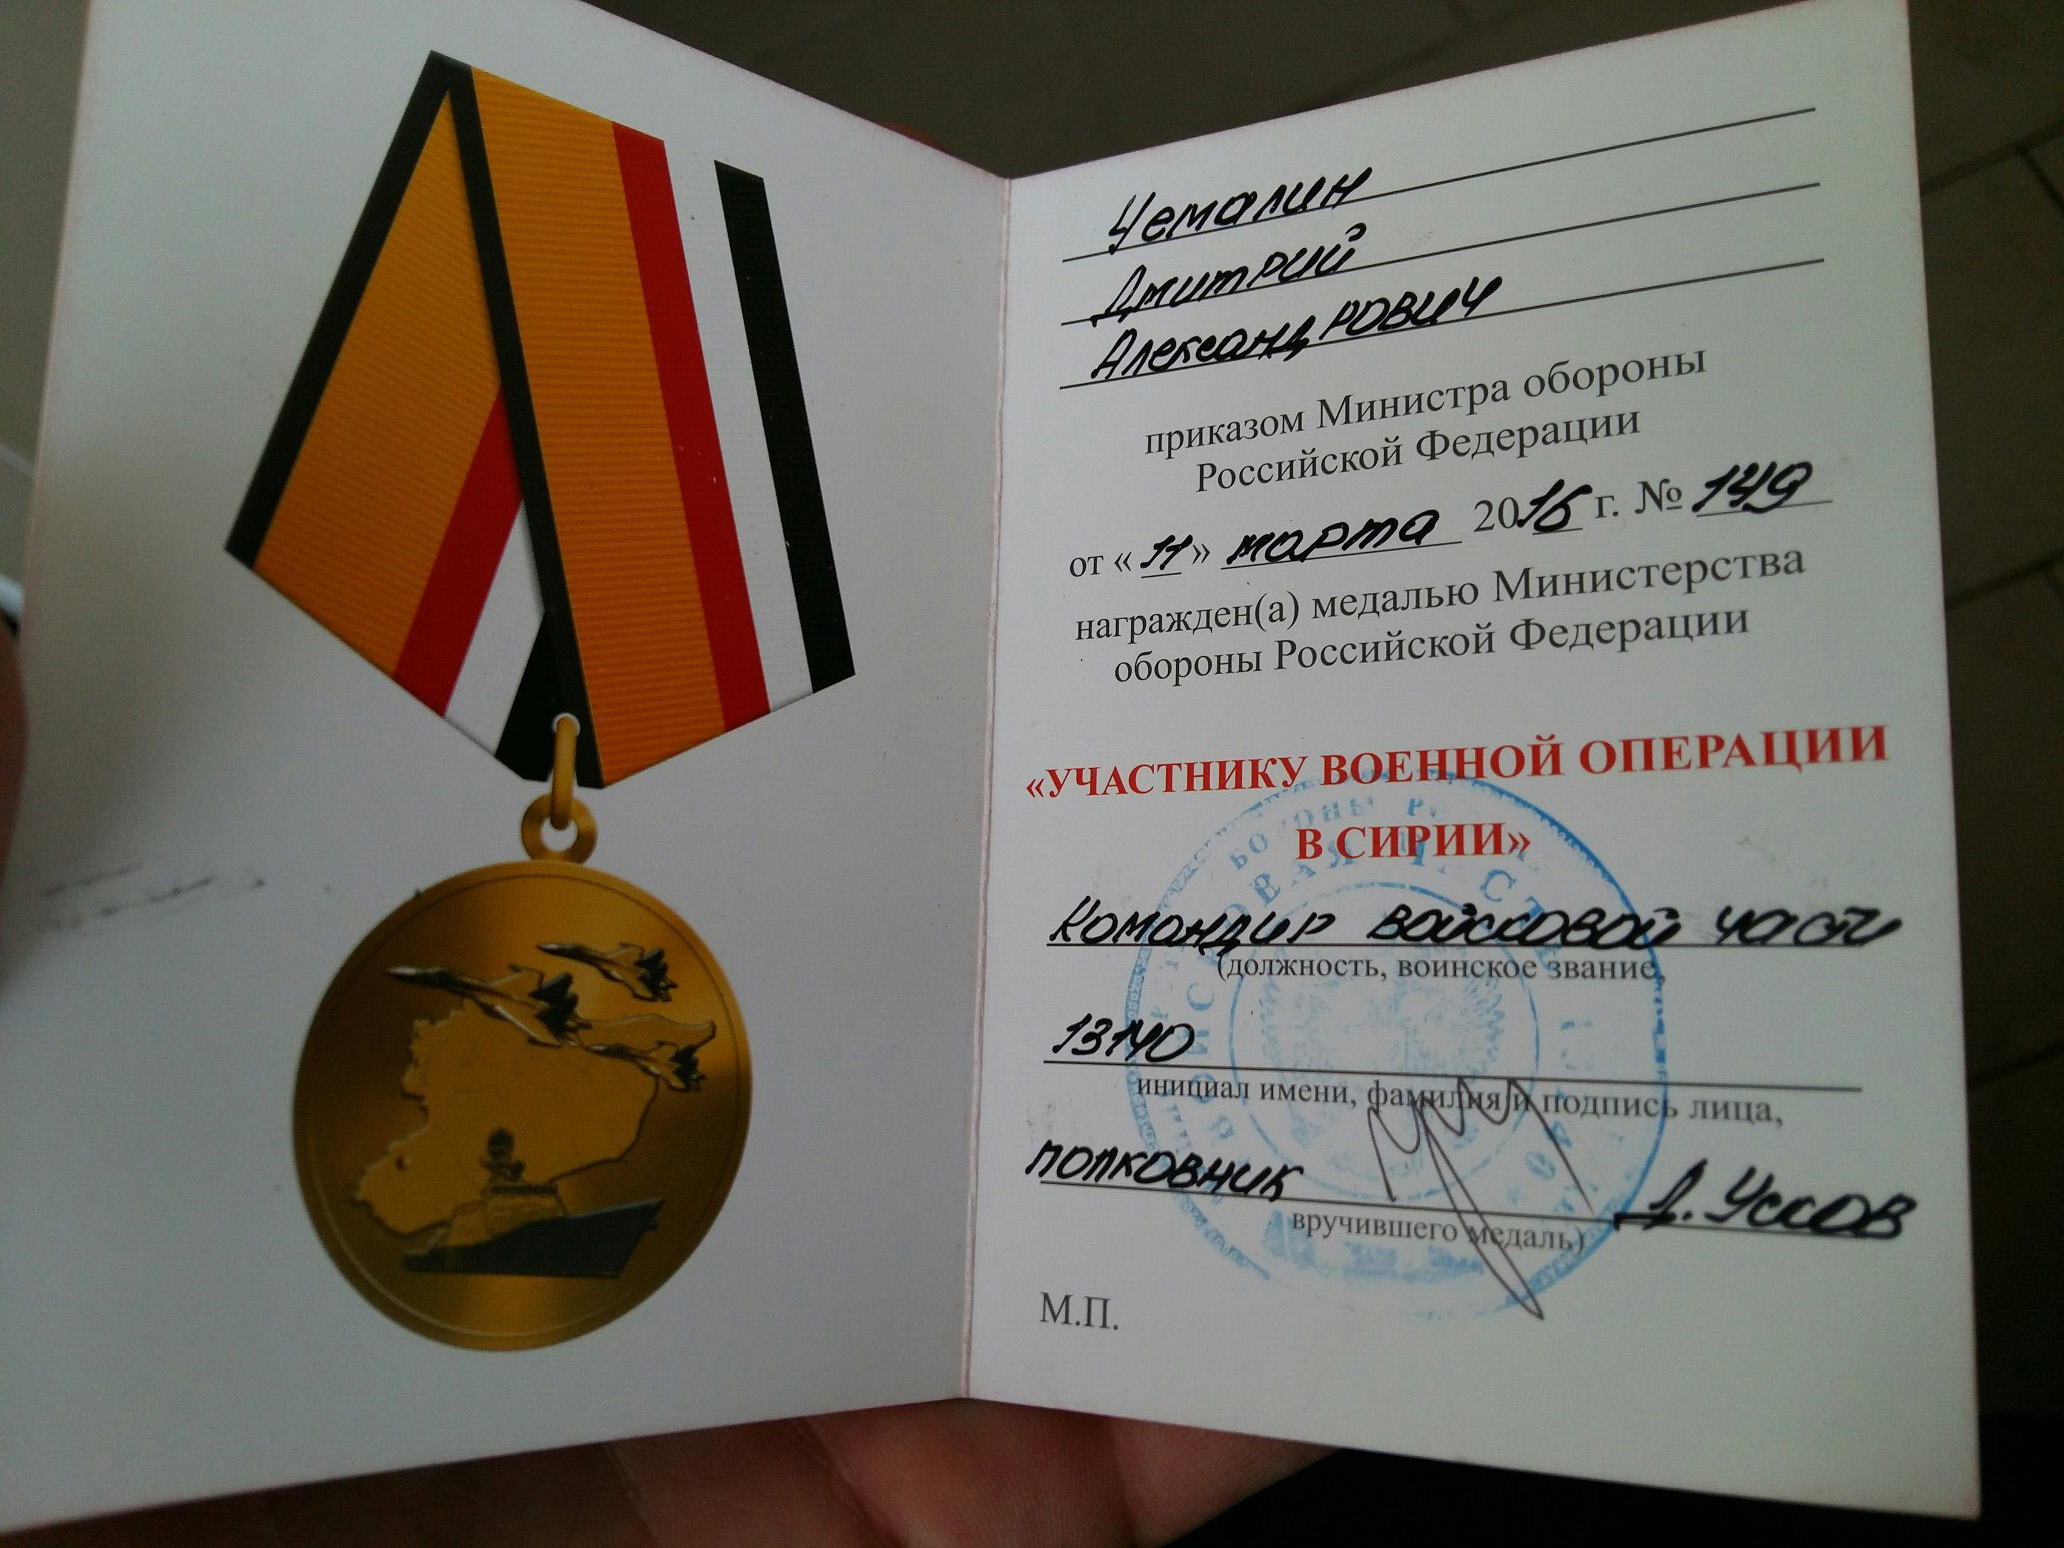 Medalje for deltagelse i den militære operation i Syrien